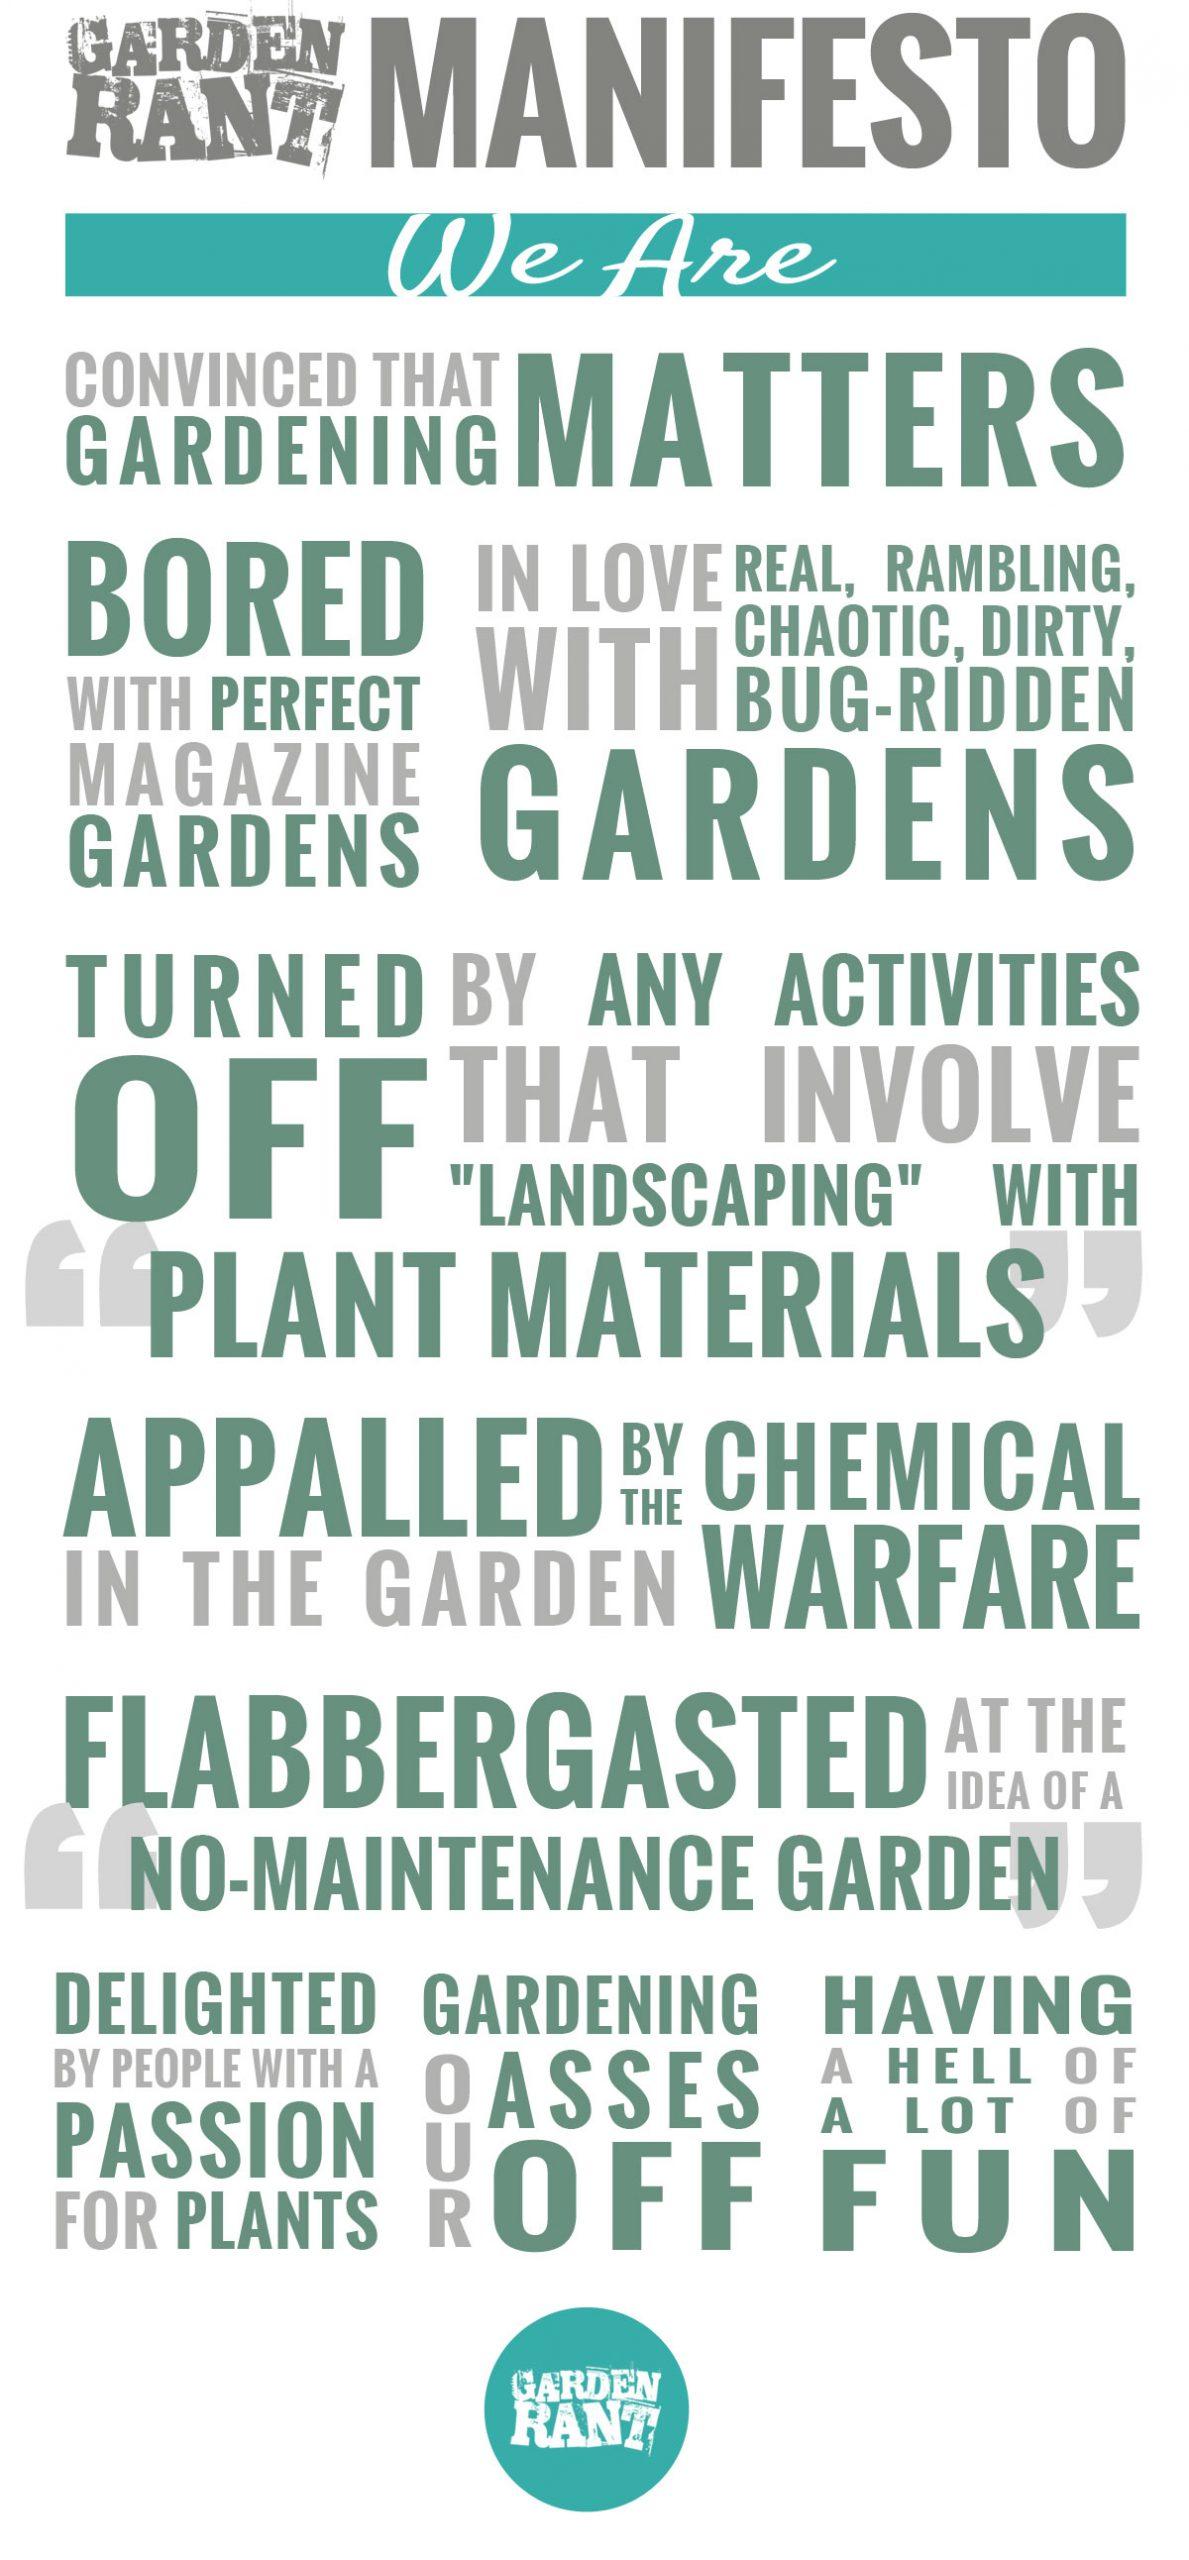 GardenRant Manifesto